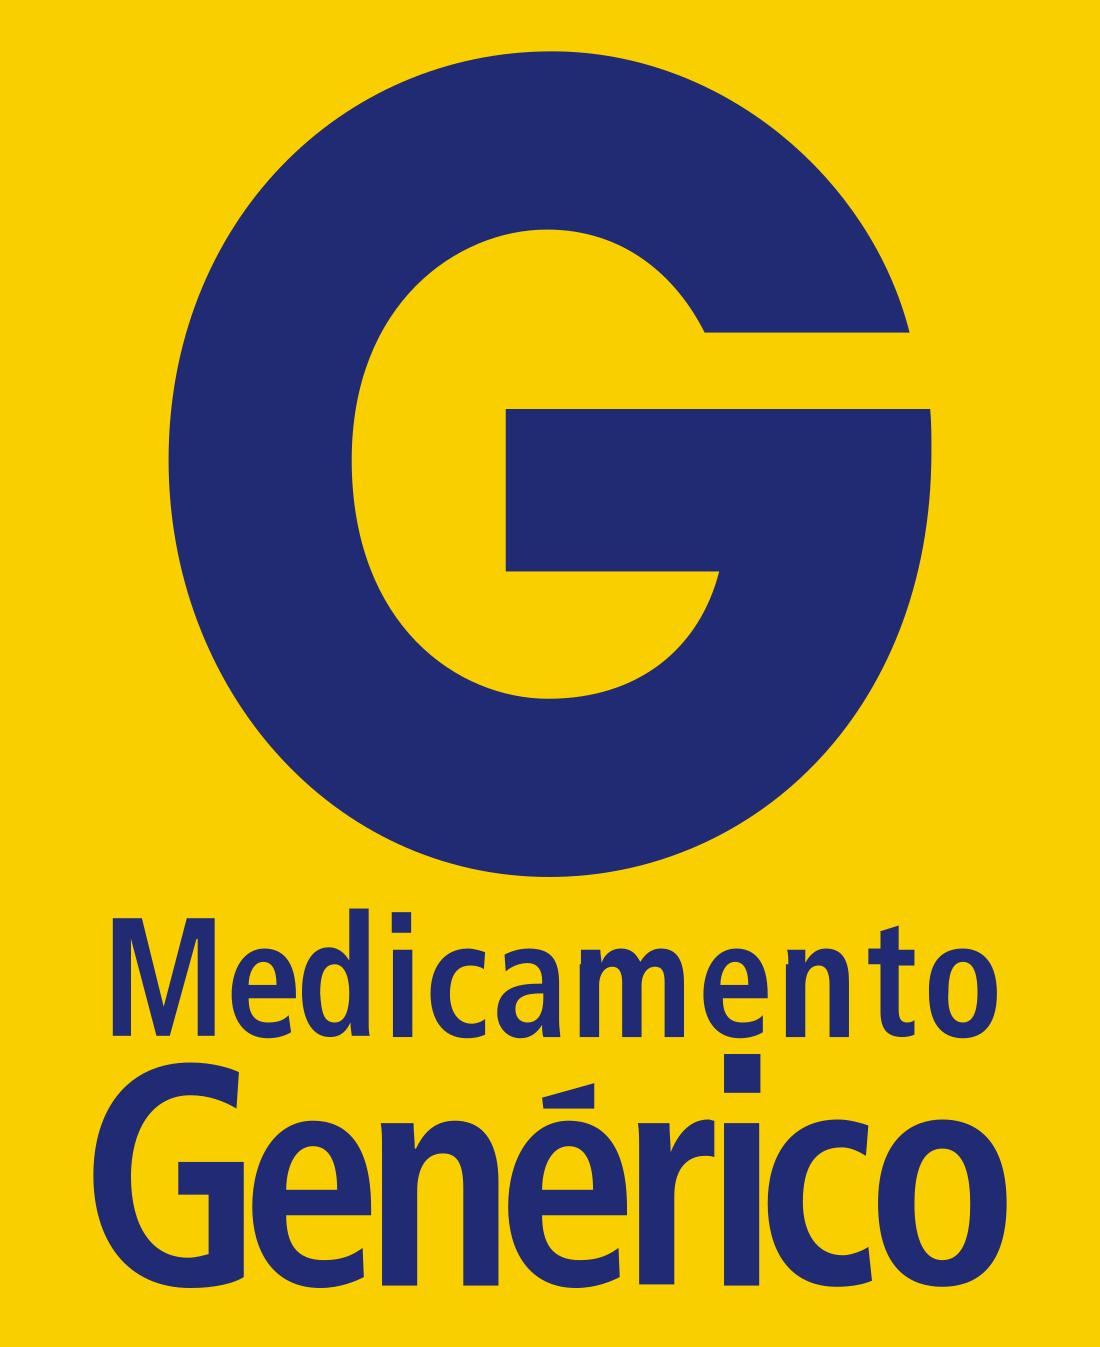 medicamento generico logo 10 - Genérico Logo - Medicamento Genérico Logo